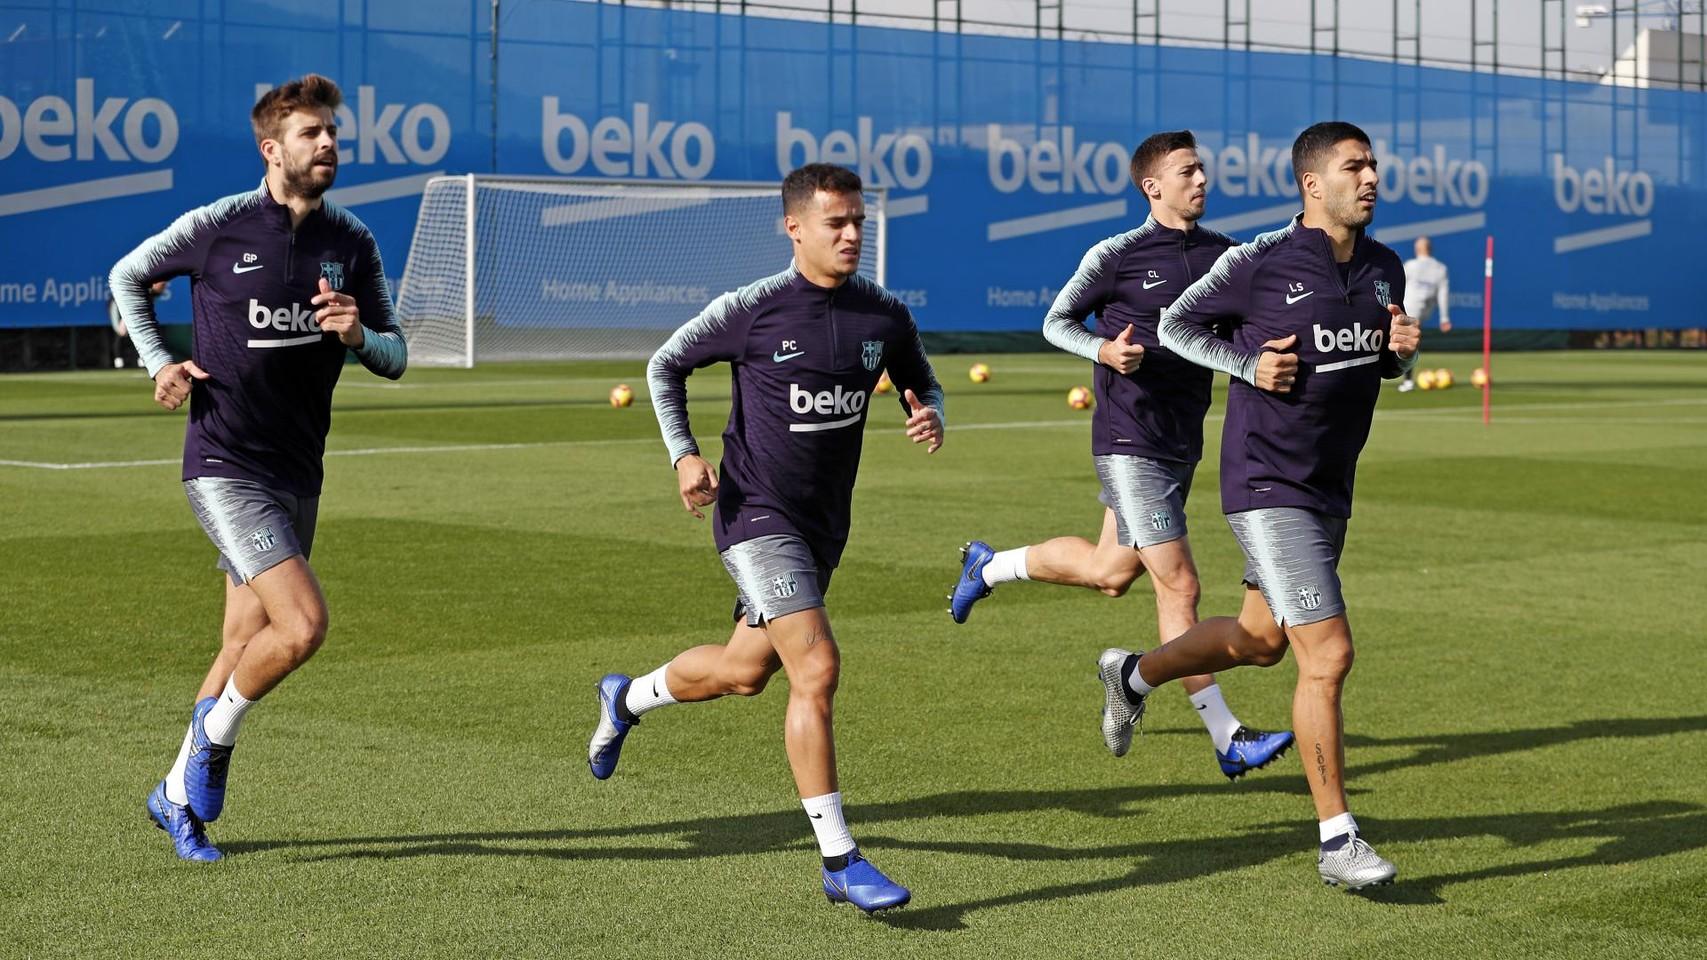 إستعدادات برشلونة لمباراة الكلاسيكو 26-10-2018 101593207